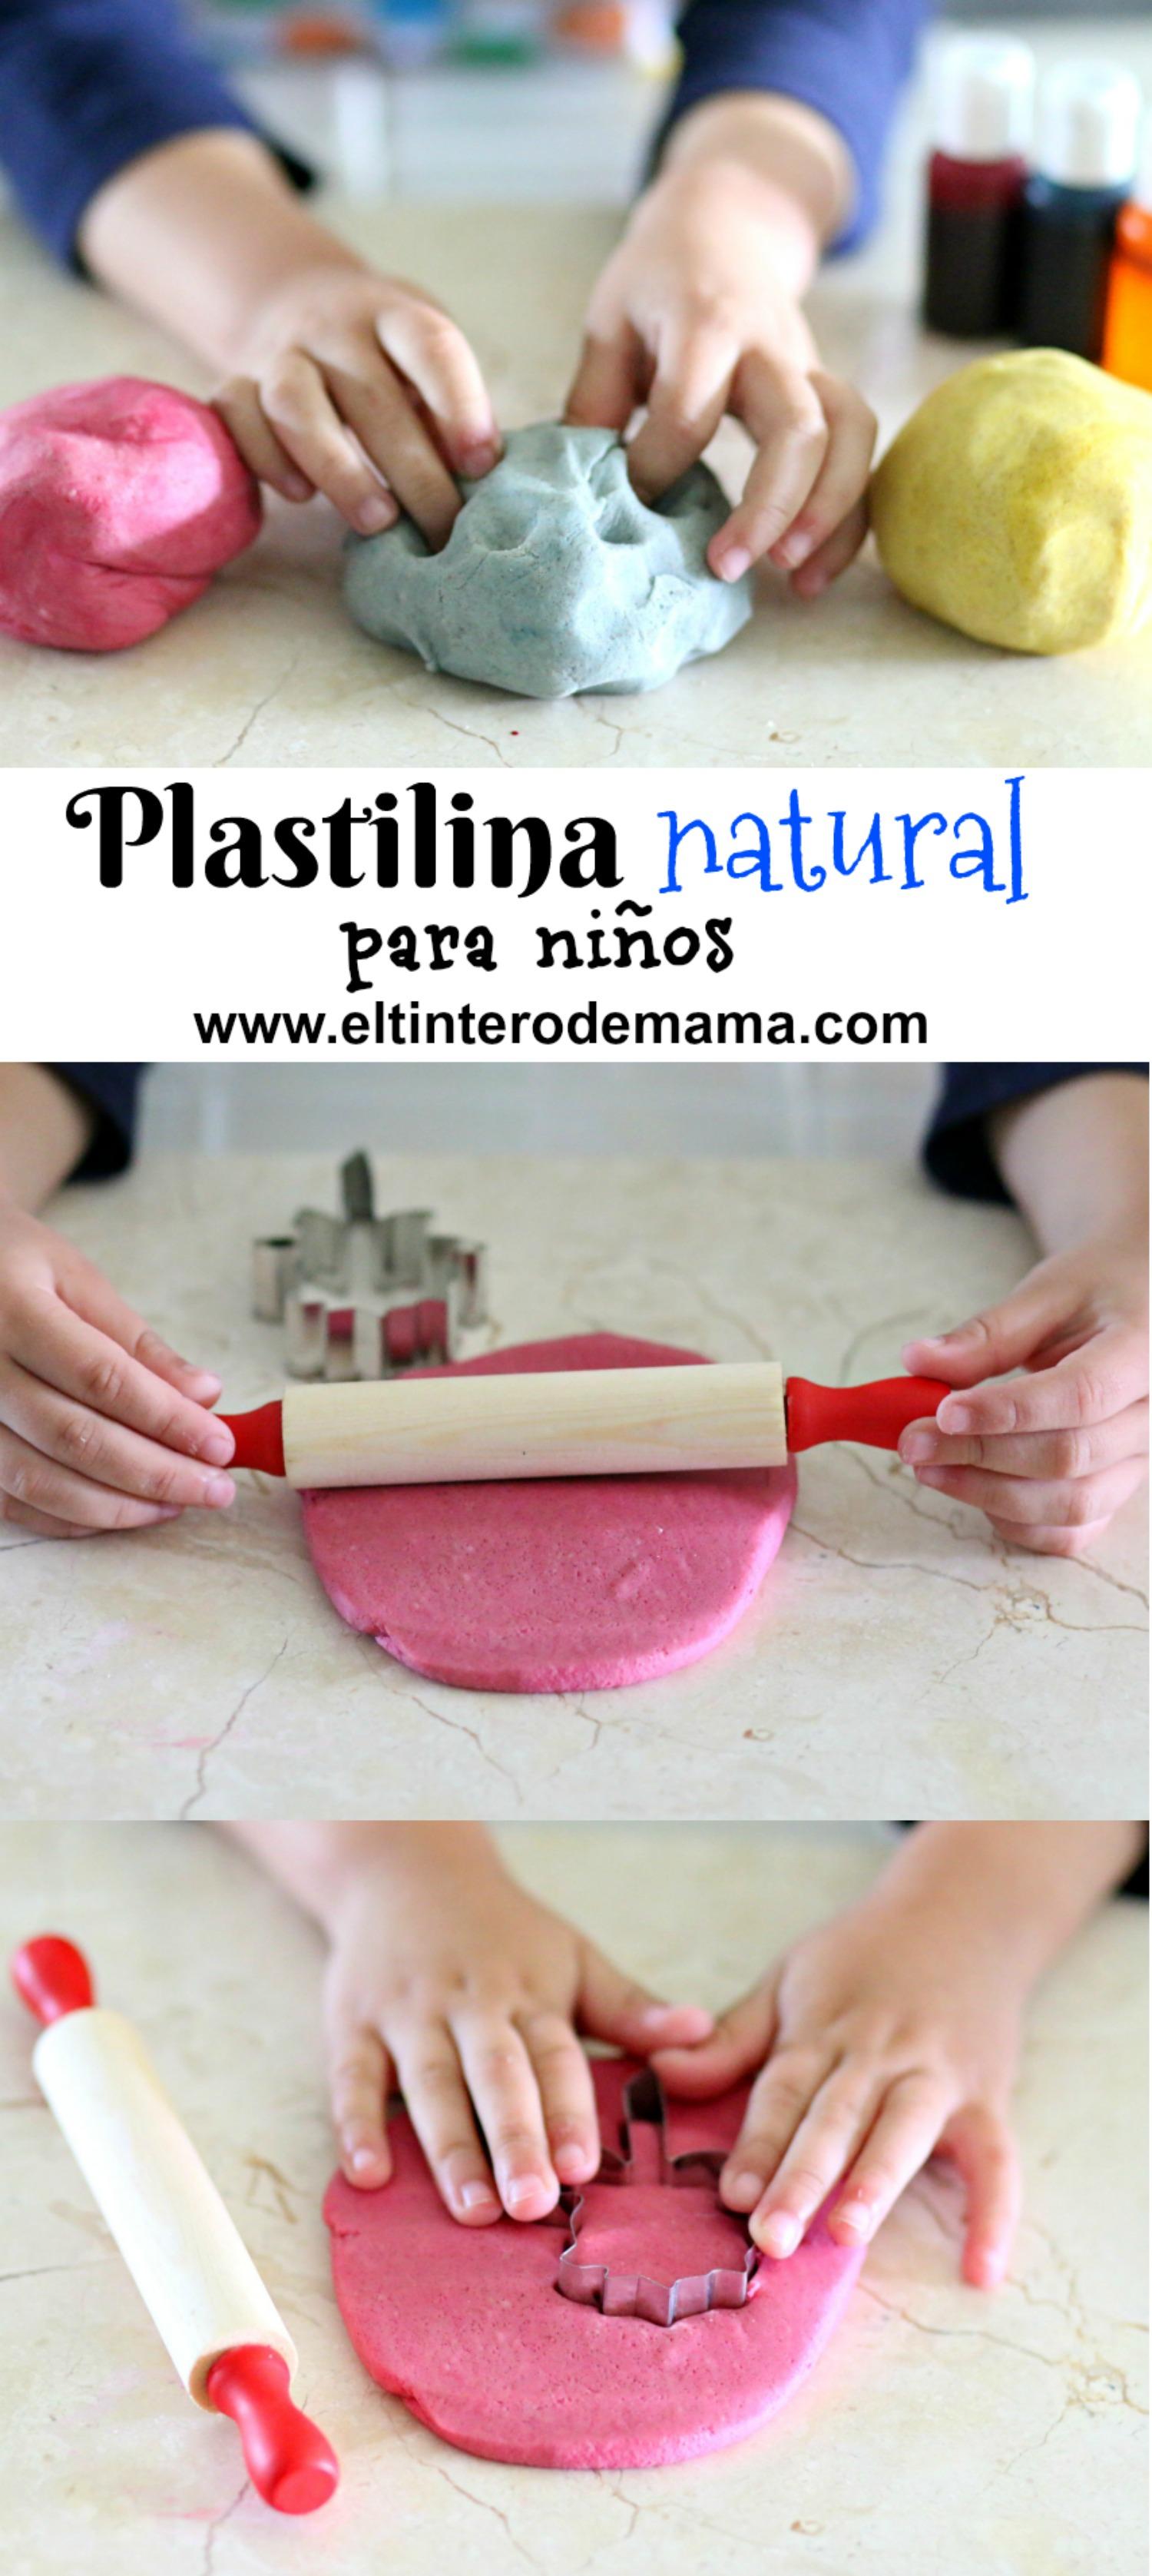 Plastilina-natural-para-ninos-diy